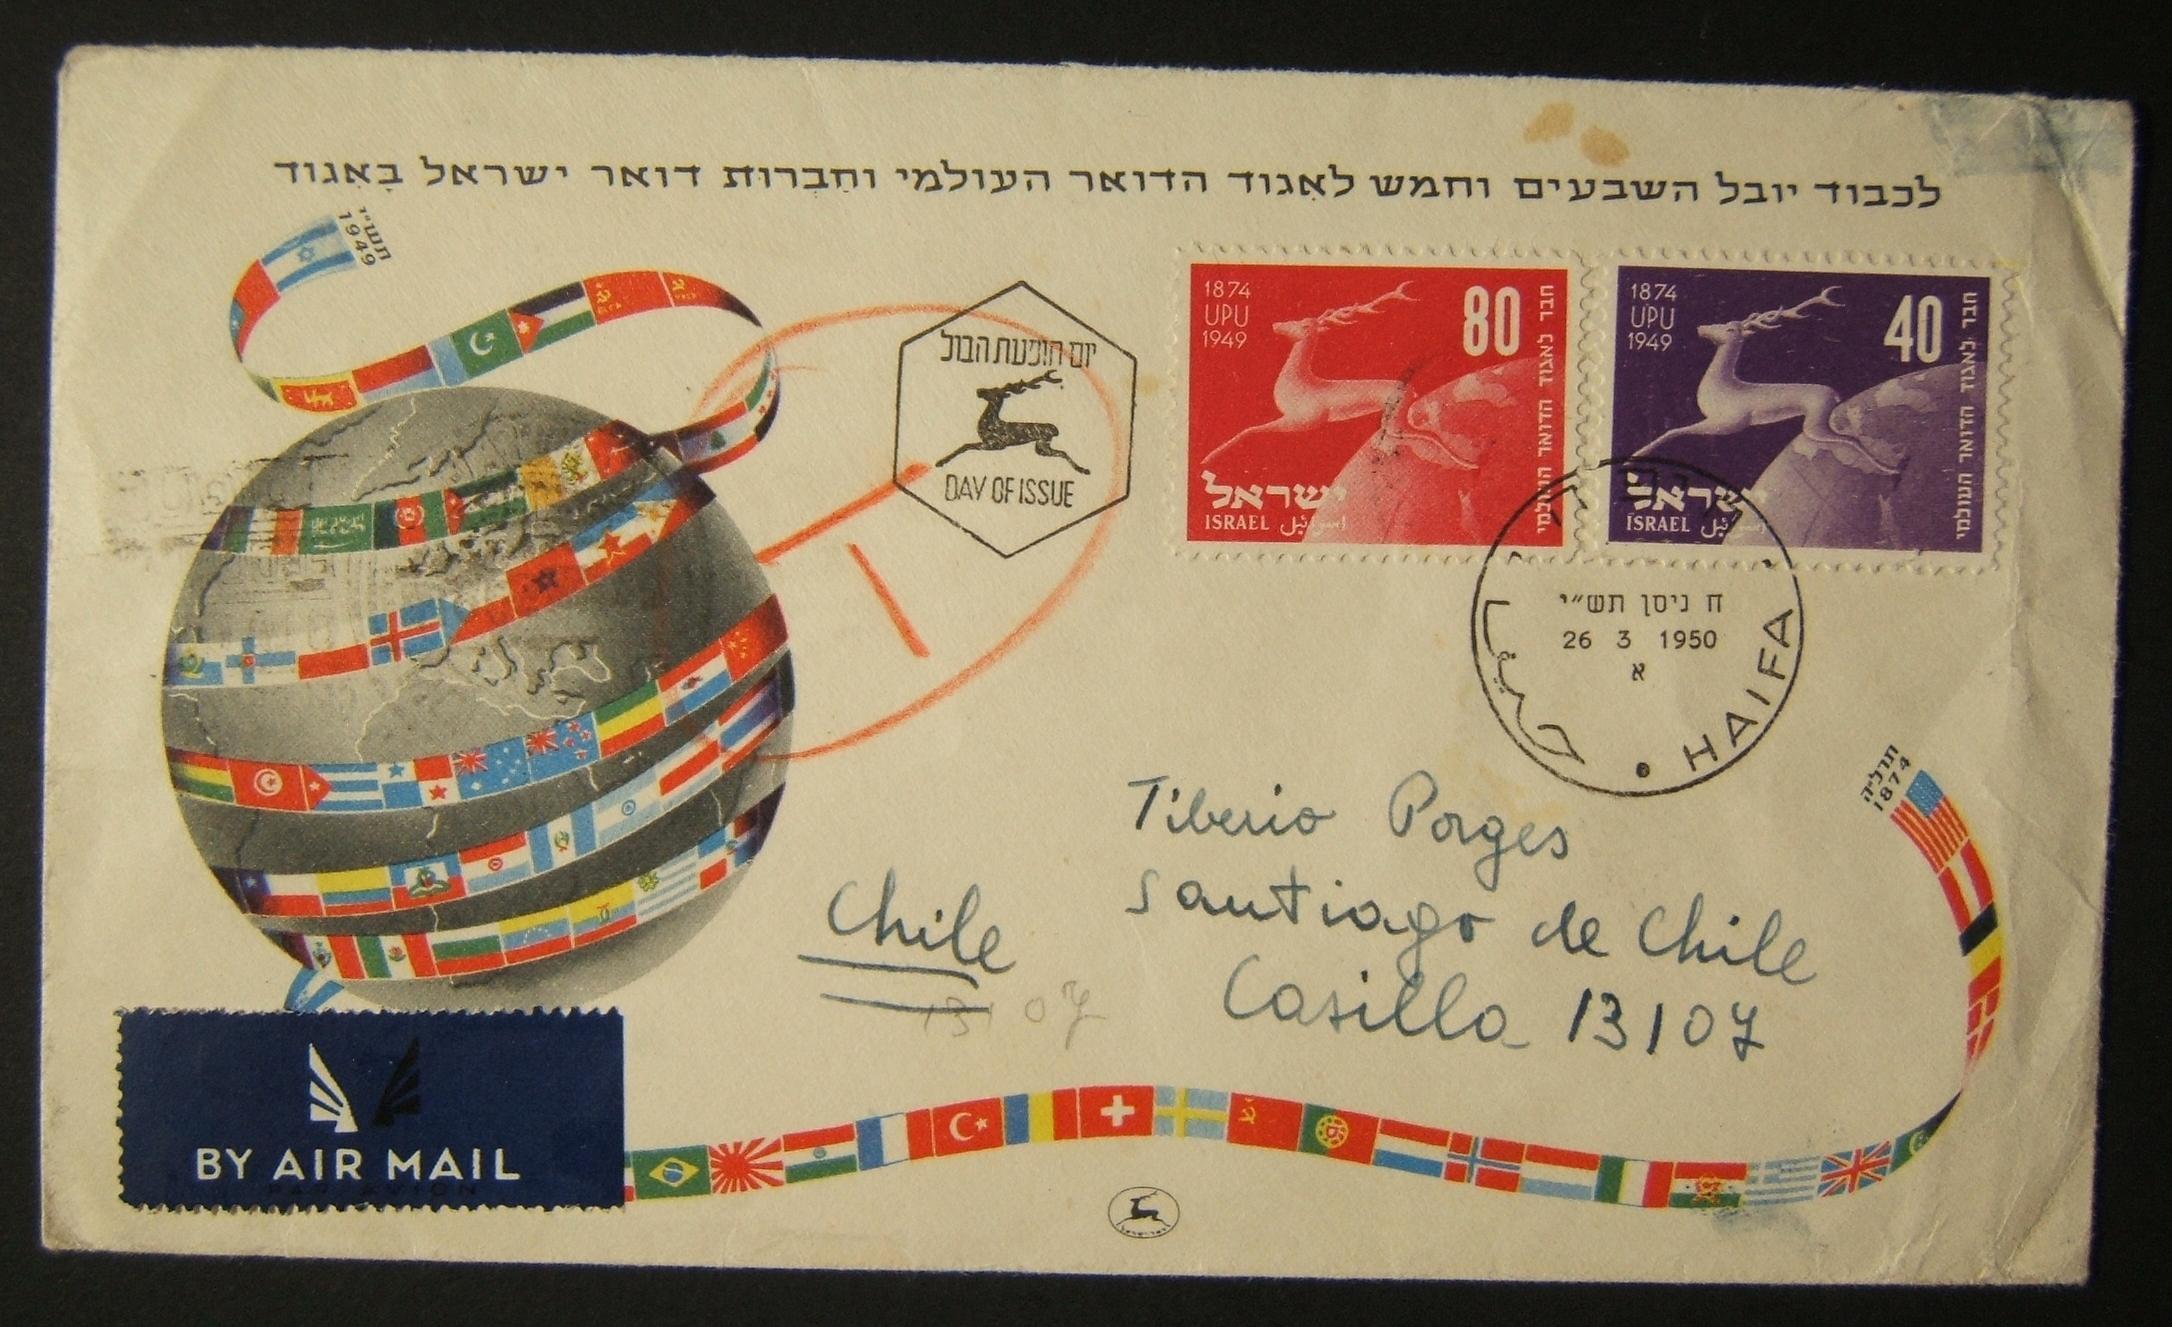 3/1950 مُصَنَّفة ومُفَرَّضة للضريبة موضحة في اليوم الأول من البريد الجوي من مدينة حيفا إلى تشيلي